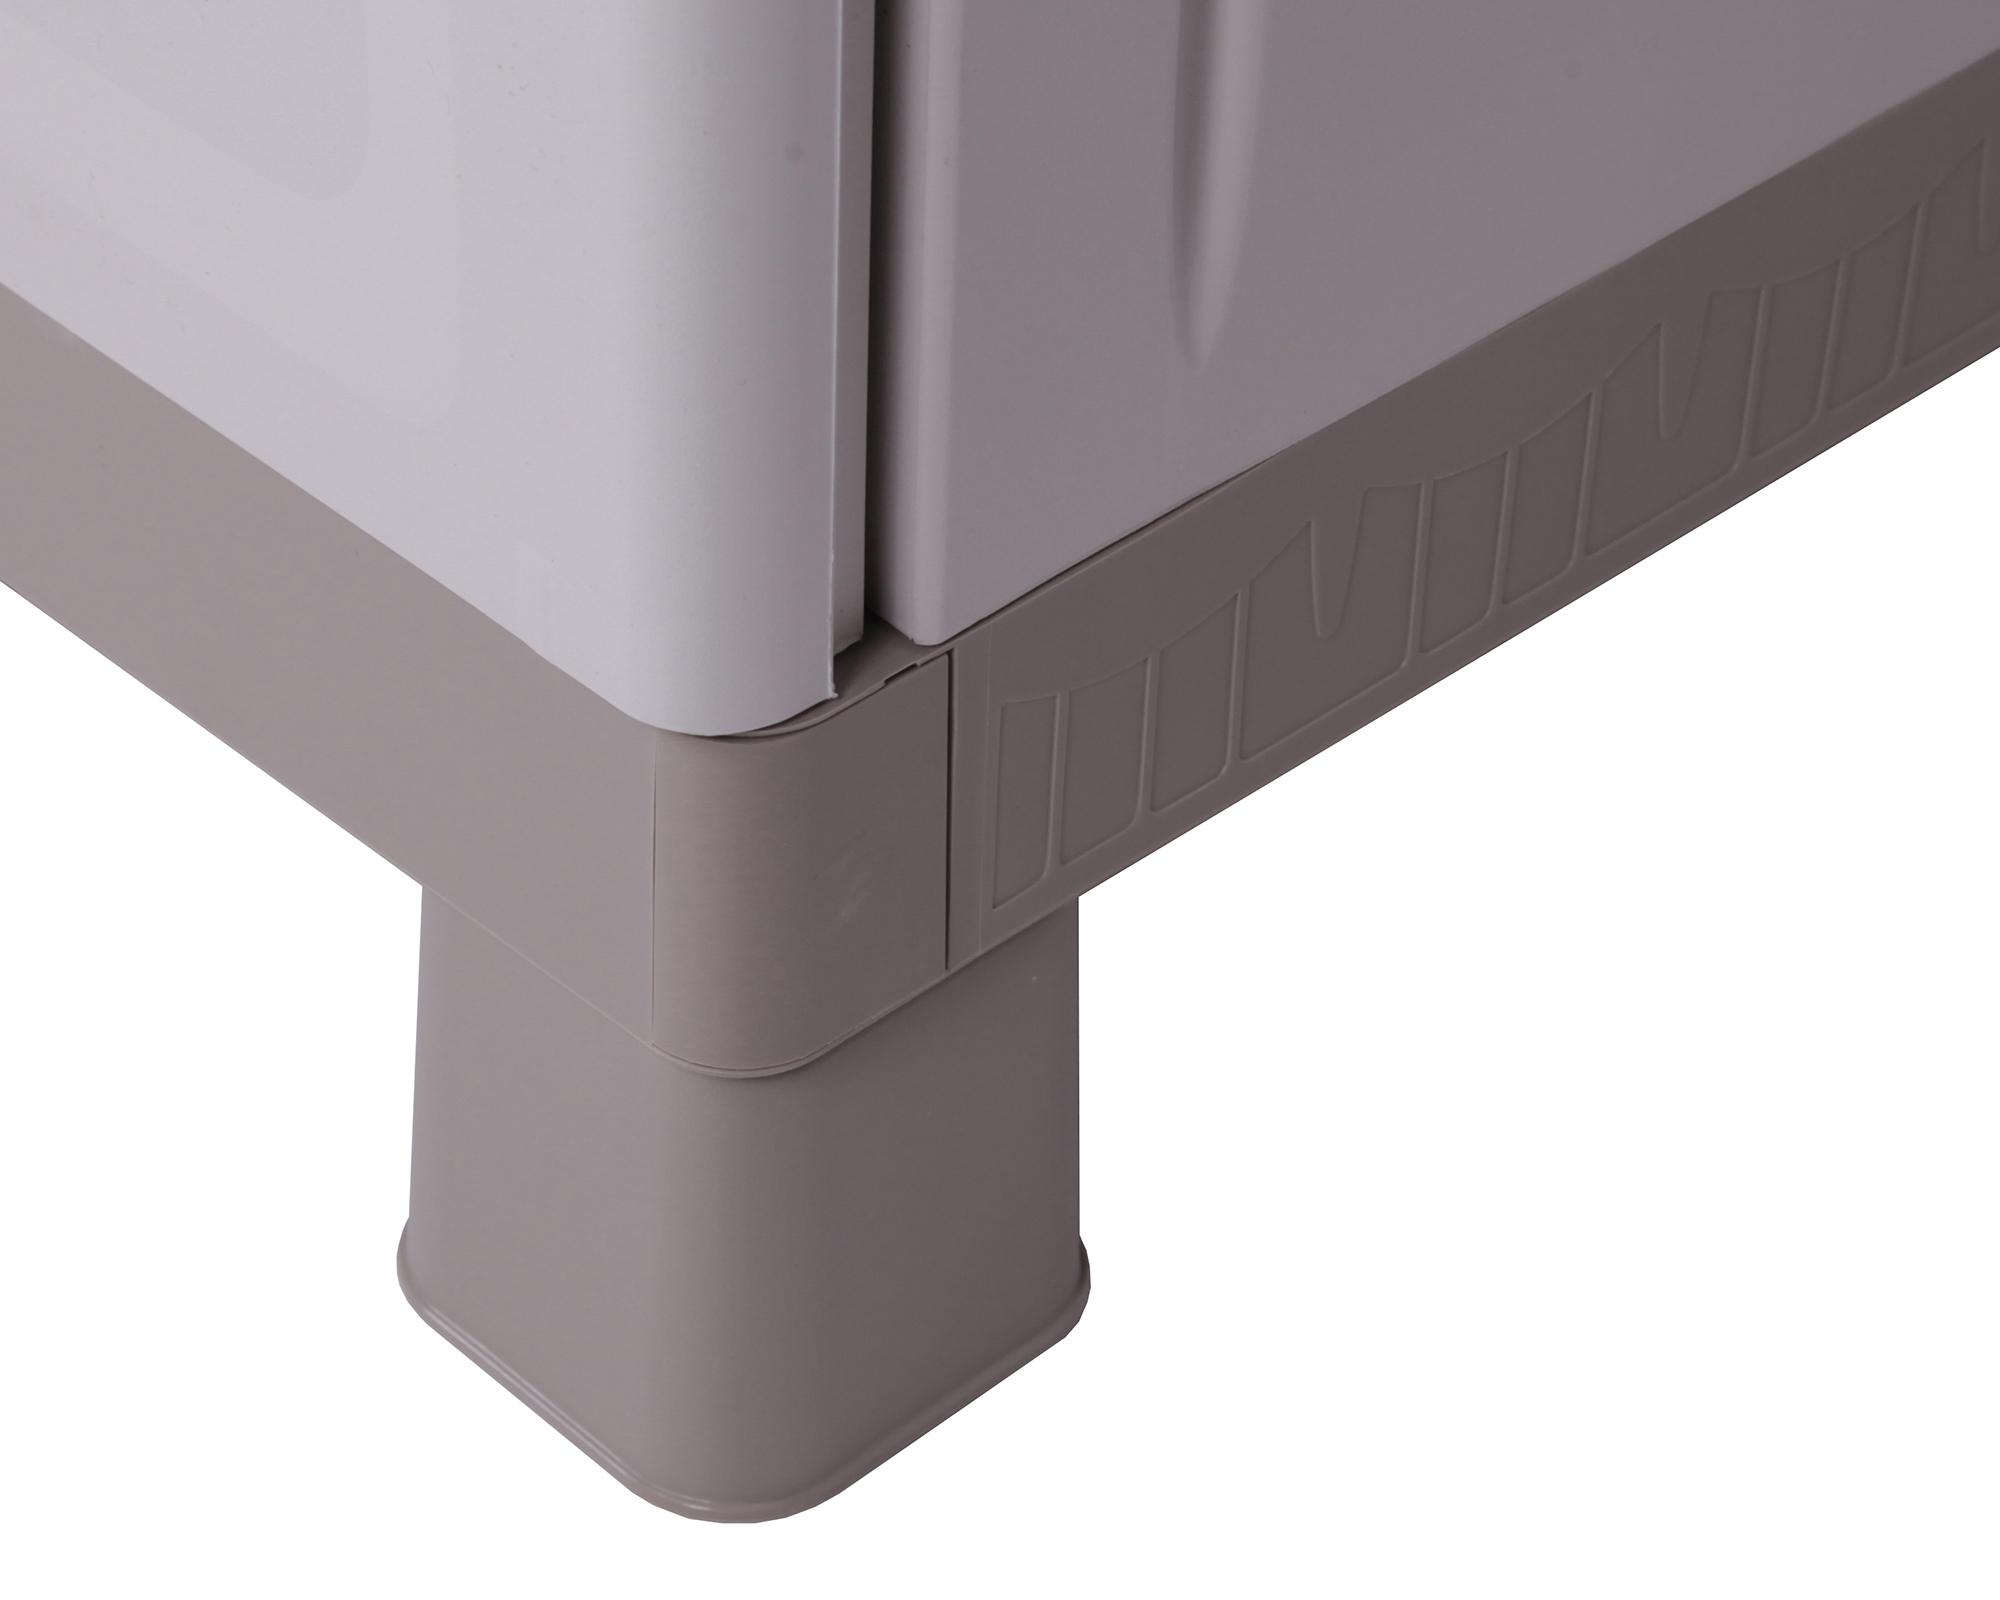 ondis24 kunststoffschrank nischenschrank excellent g nstig online kaufen. Black Bedroom Furniture Sets. Home Design Ideas